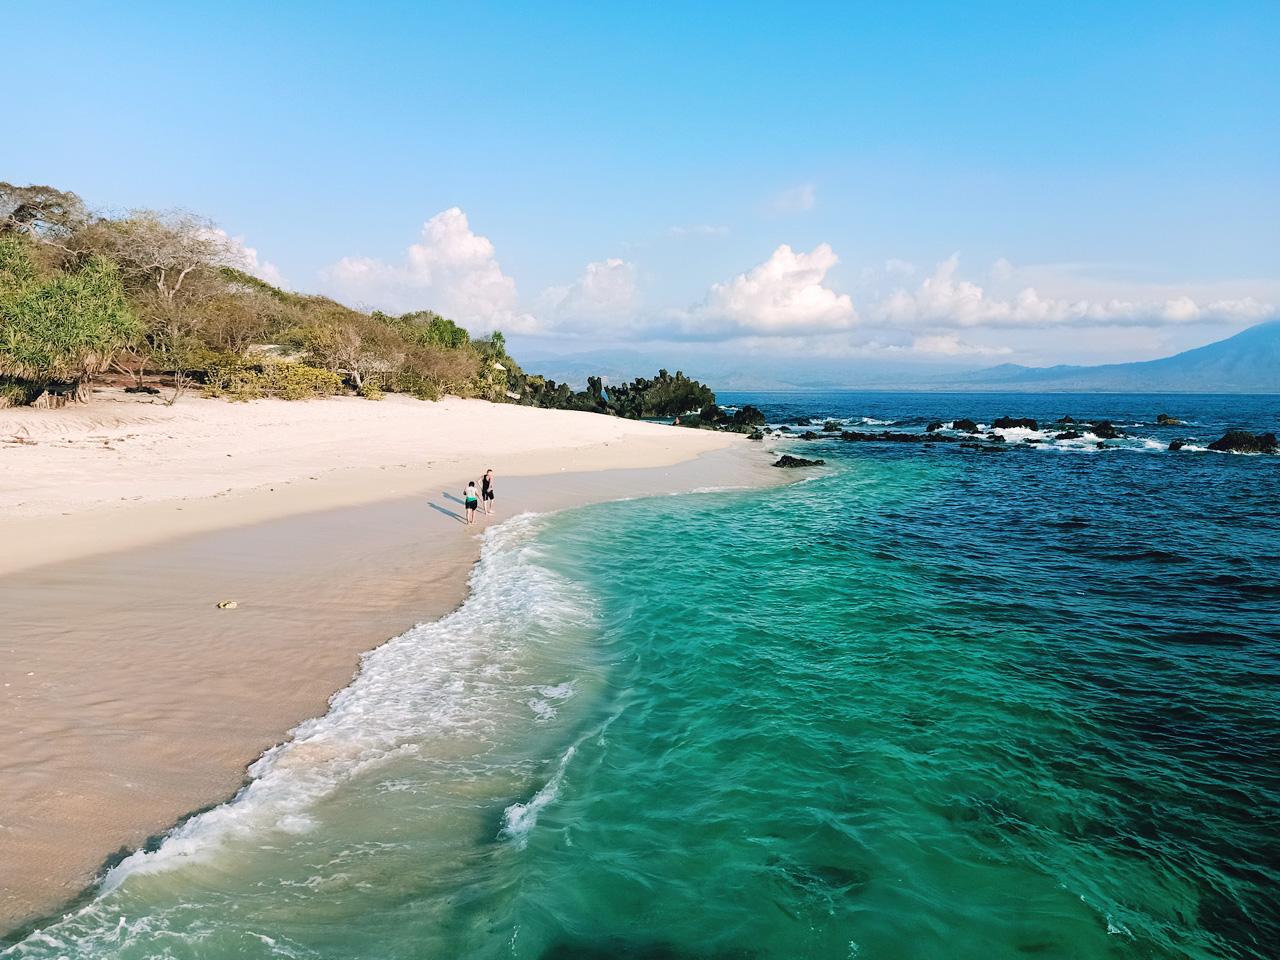 Pantai Watotena yang sepi dengan pasir putih bersih